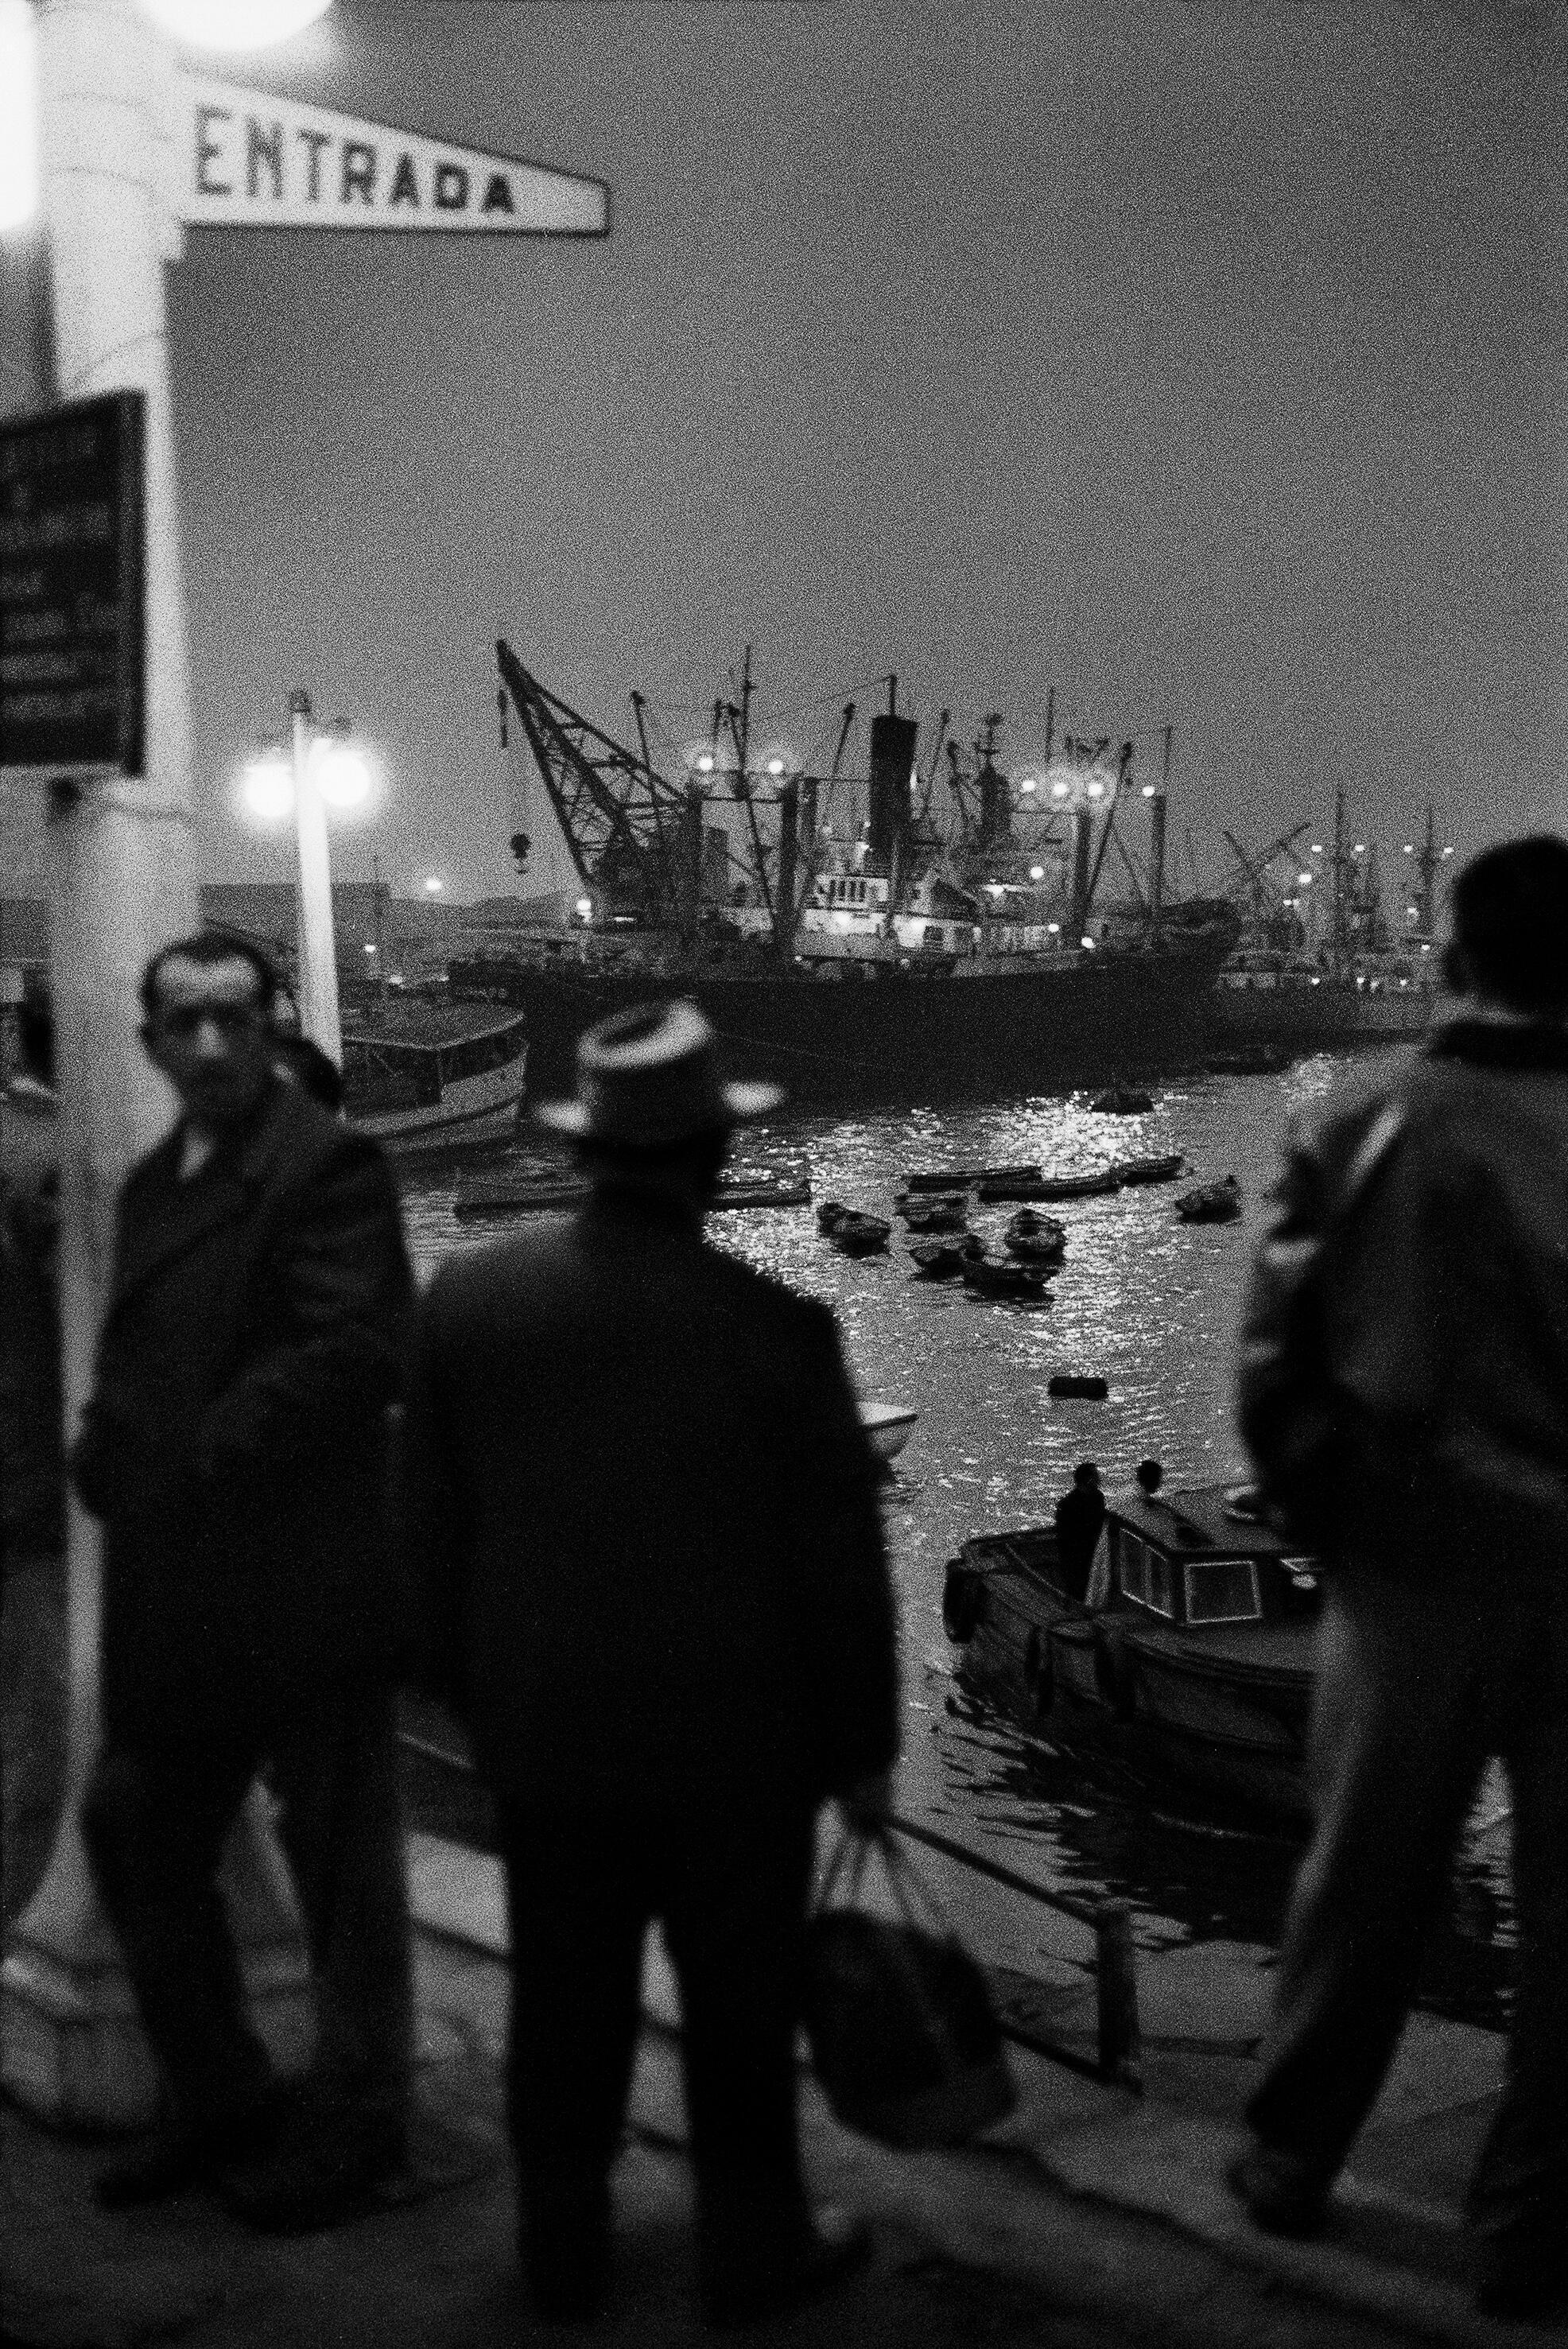 Sergio Larrain, Valparaíso, 1963. Extrait de Valparaíso (Éditions Xavier Barral, 2016) © Sergio Larrain / Magnum Photos